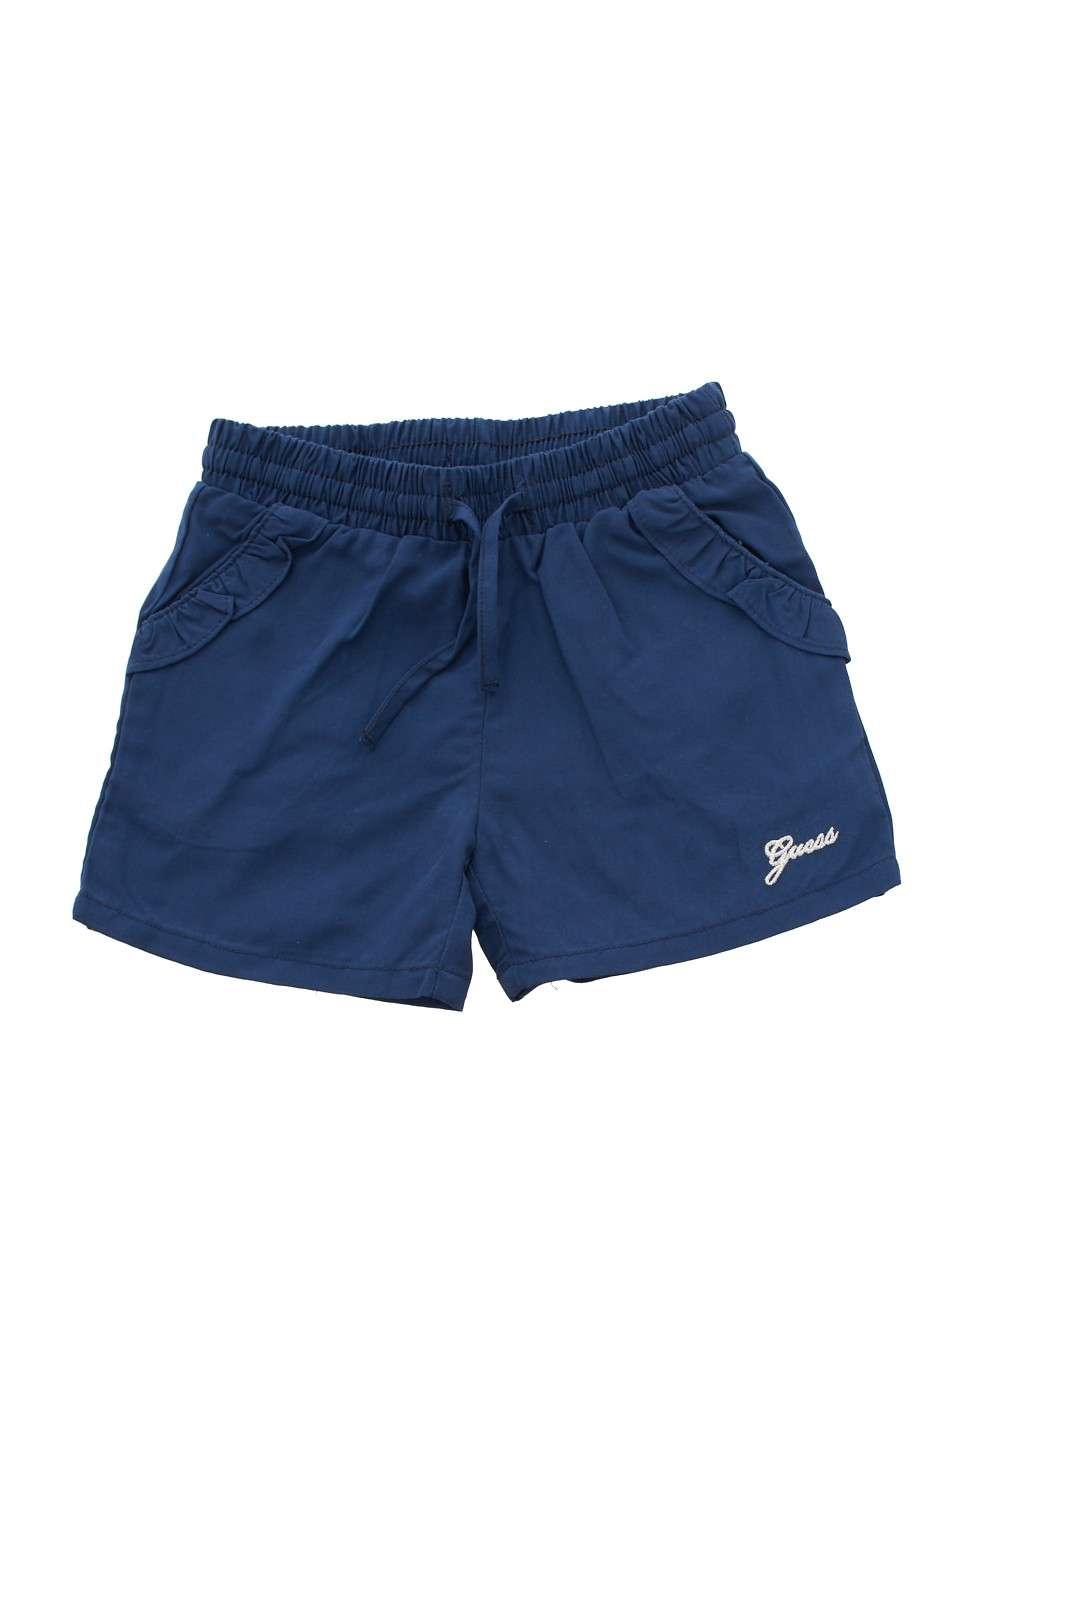 Un pantaloncino semplice e delicato, quello firmato Guess bambina.  Da indossare nelle giornate quotidiane per far sentire la propria bambina a suo agio.  Da abbinare ad una t shirt è perfetta.